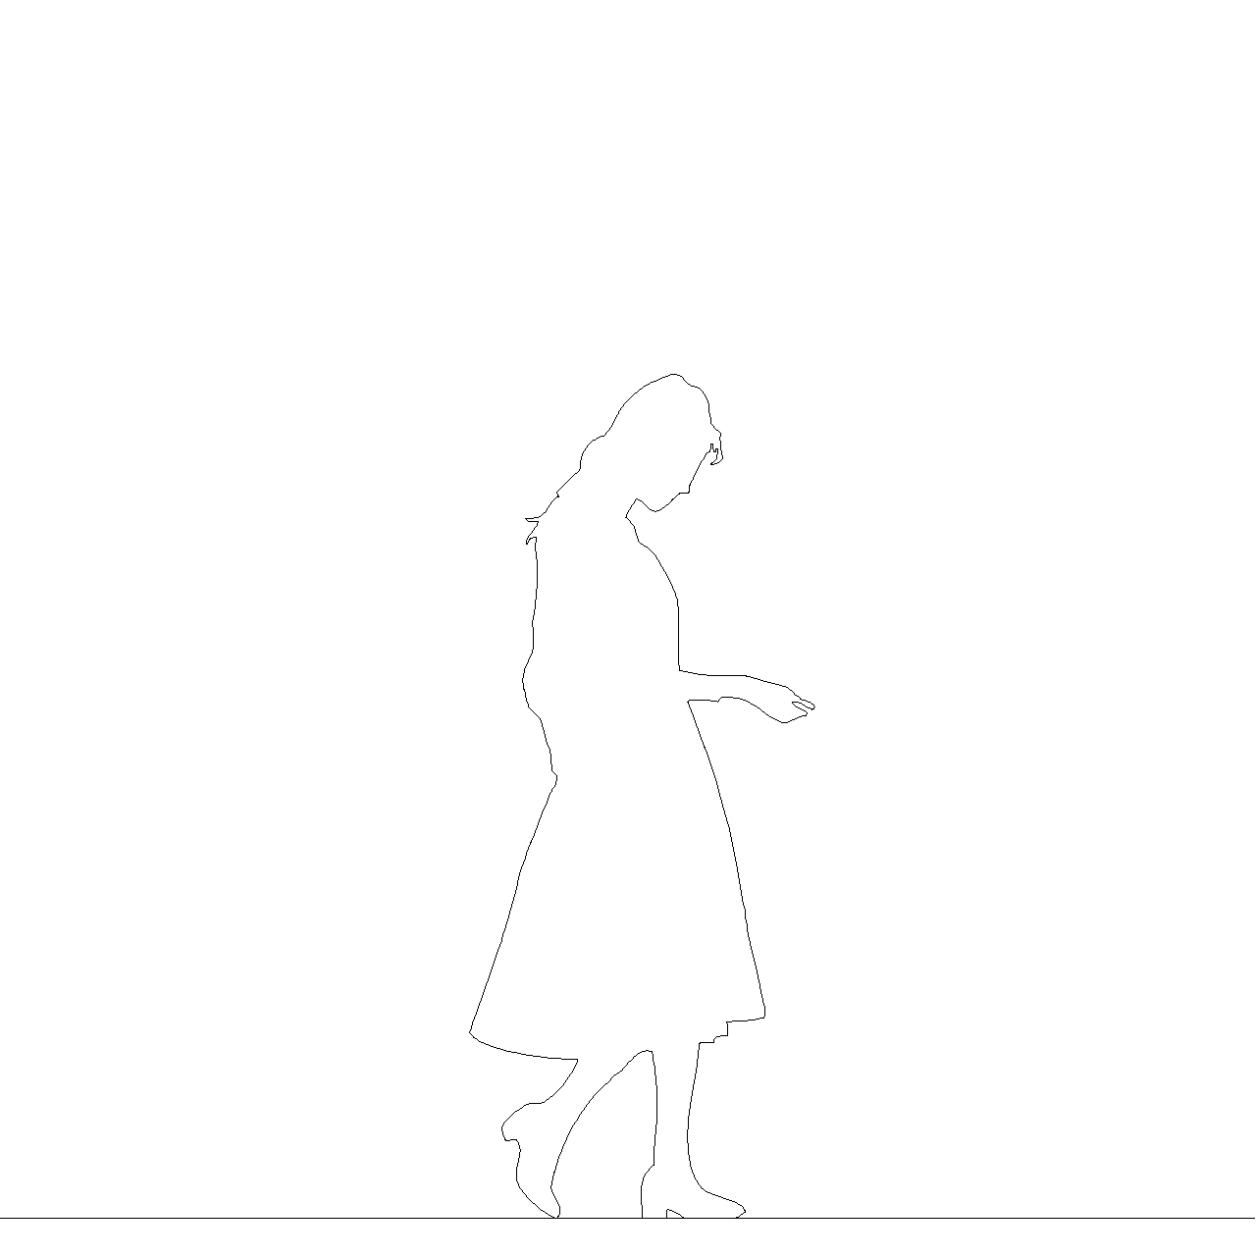 スカートを穿いた女性の2DCAD部品丨シルエット 人間 女性丨無料 商用可能 フリー素材 フリーデータ AUTOCAD DWG DXF